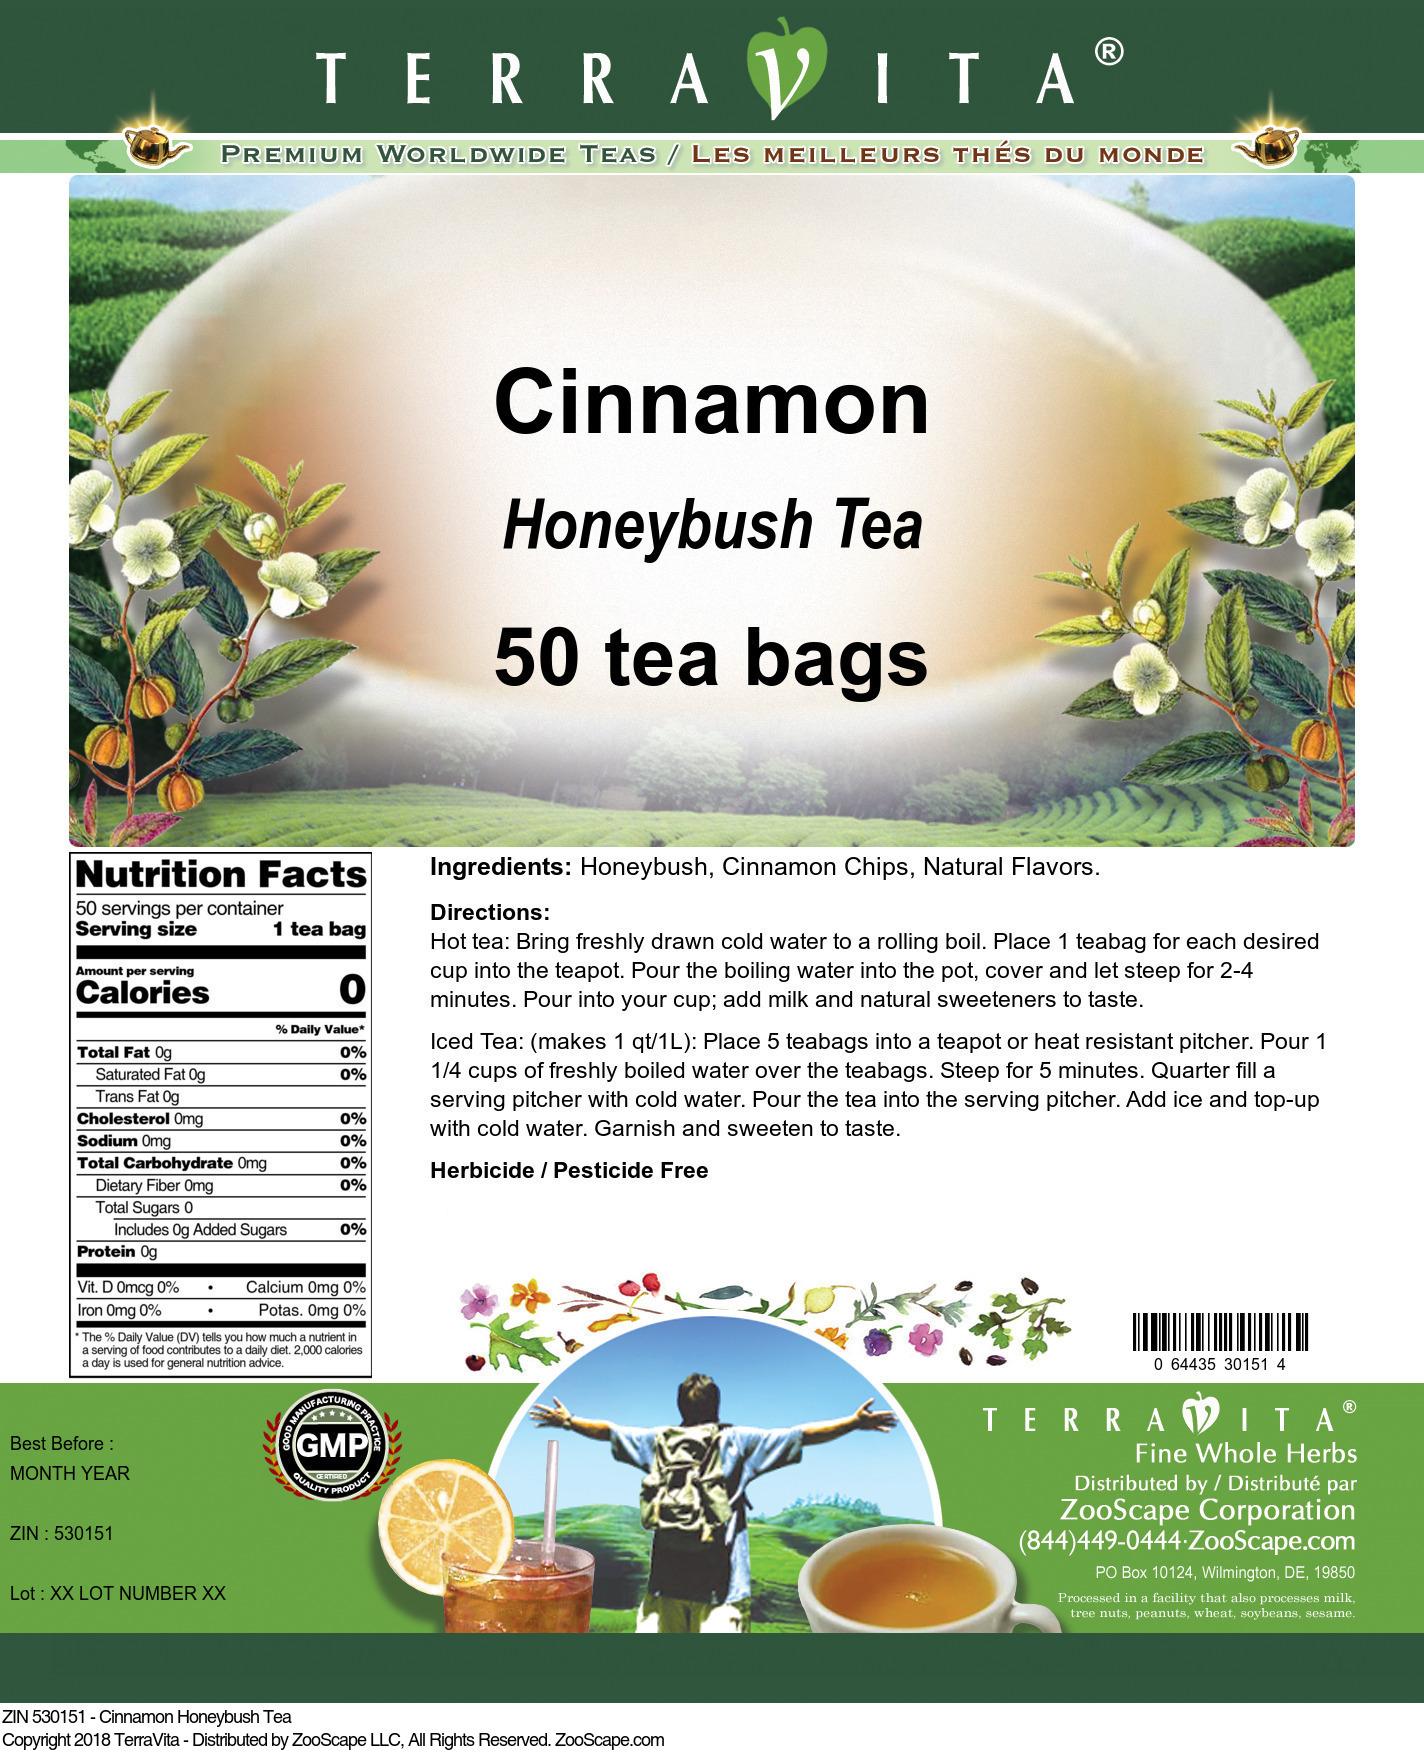 Cinnamon Honeybush Tea